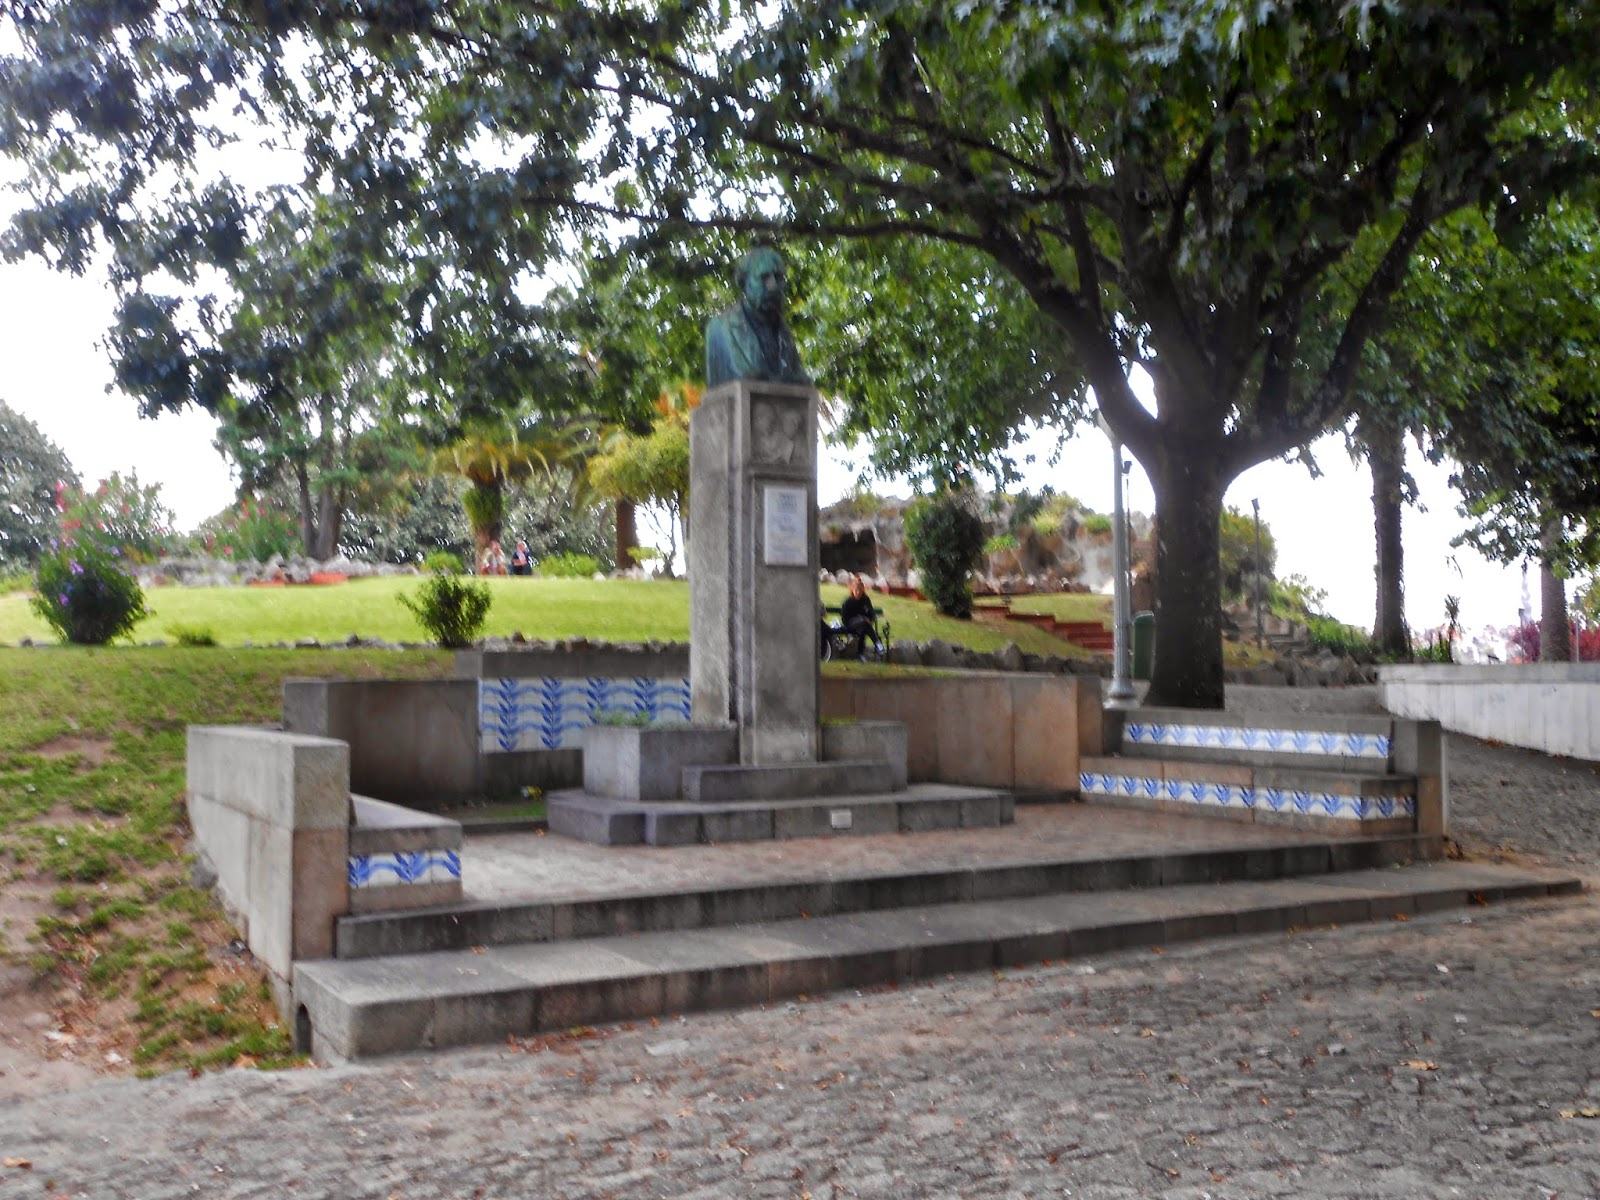 festa jardim do morro: – Vila Nova de Gaia – Jardim do Morro – Busto de Diogo Cassels